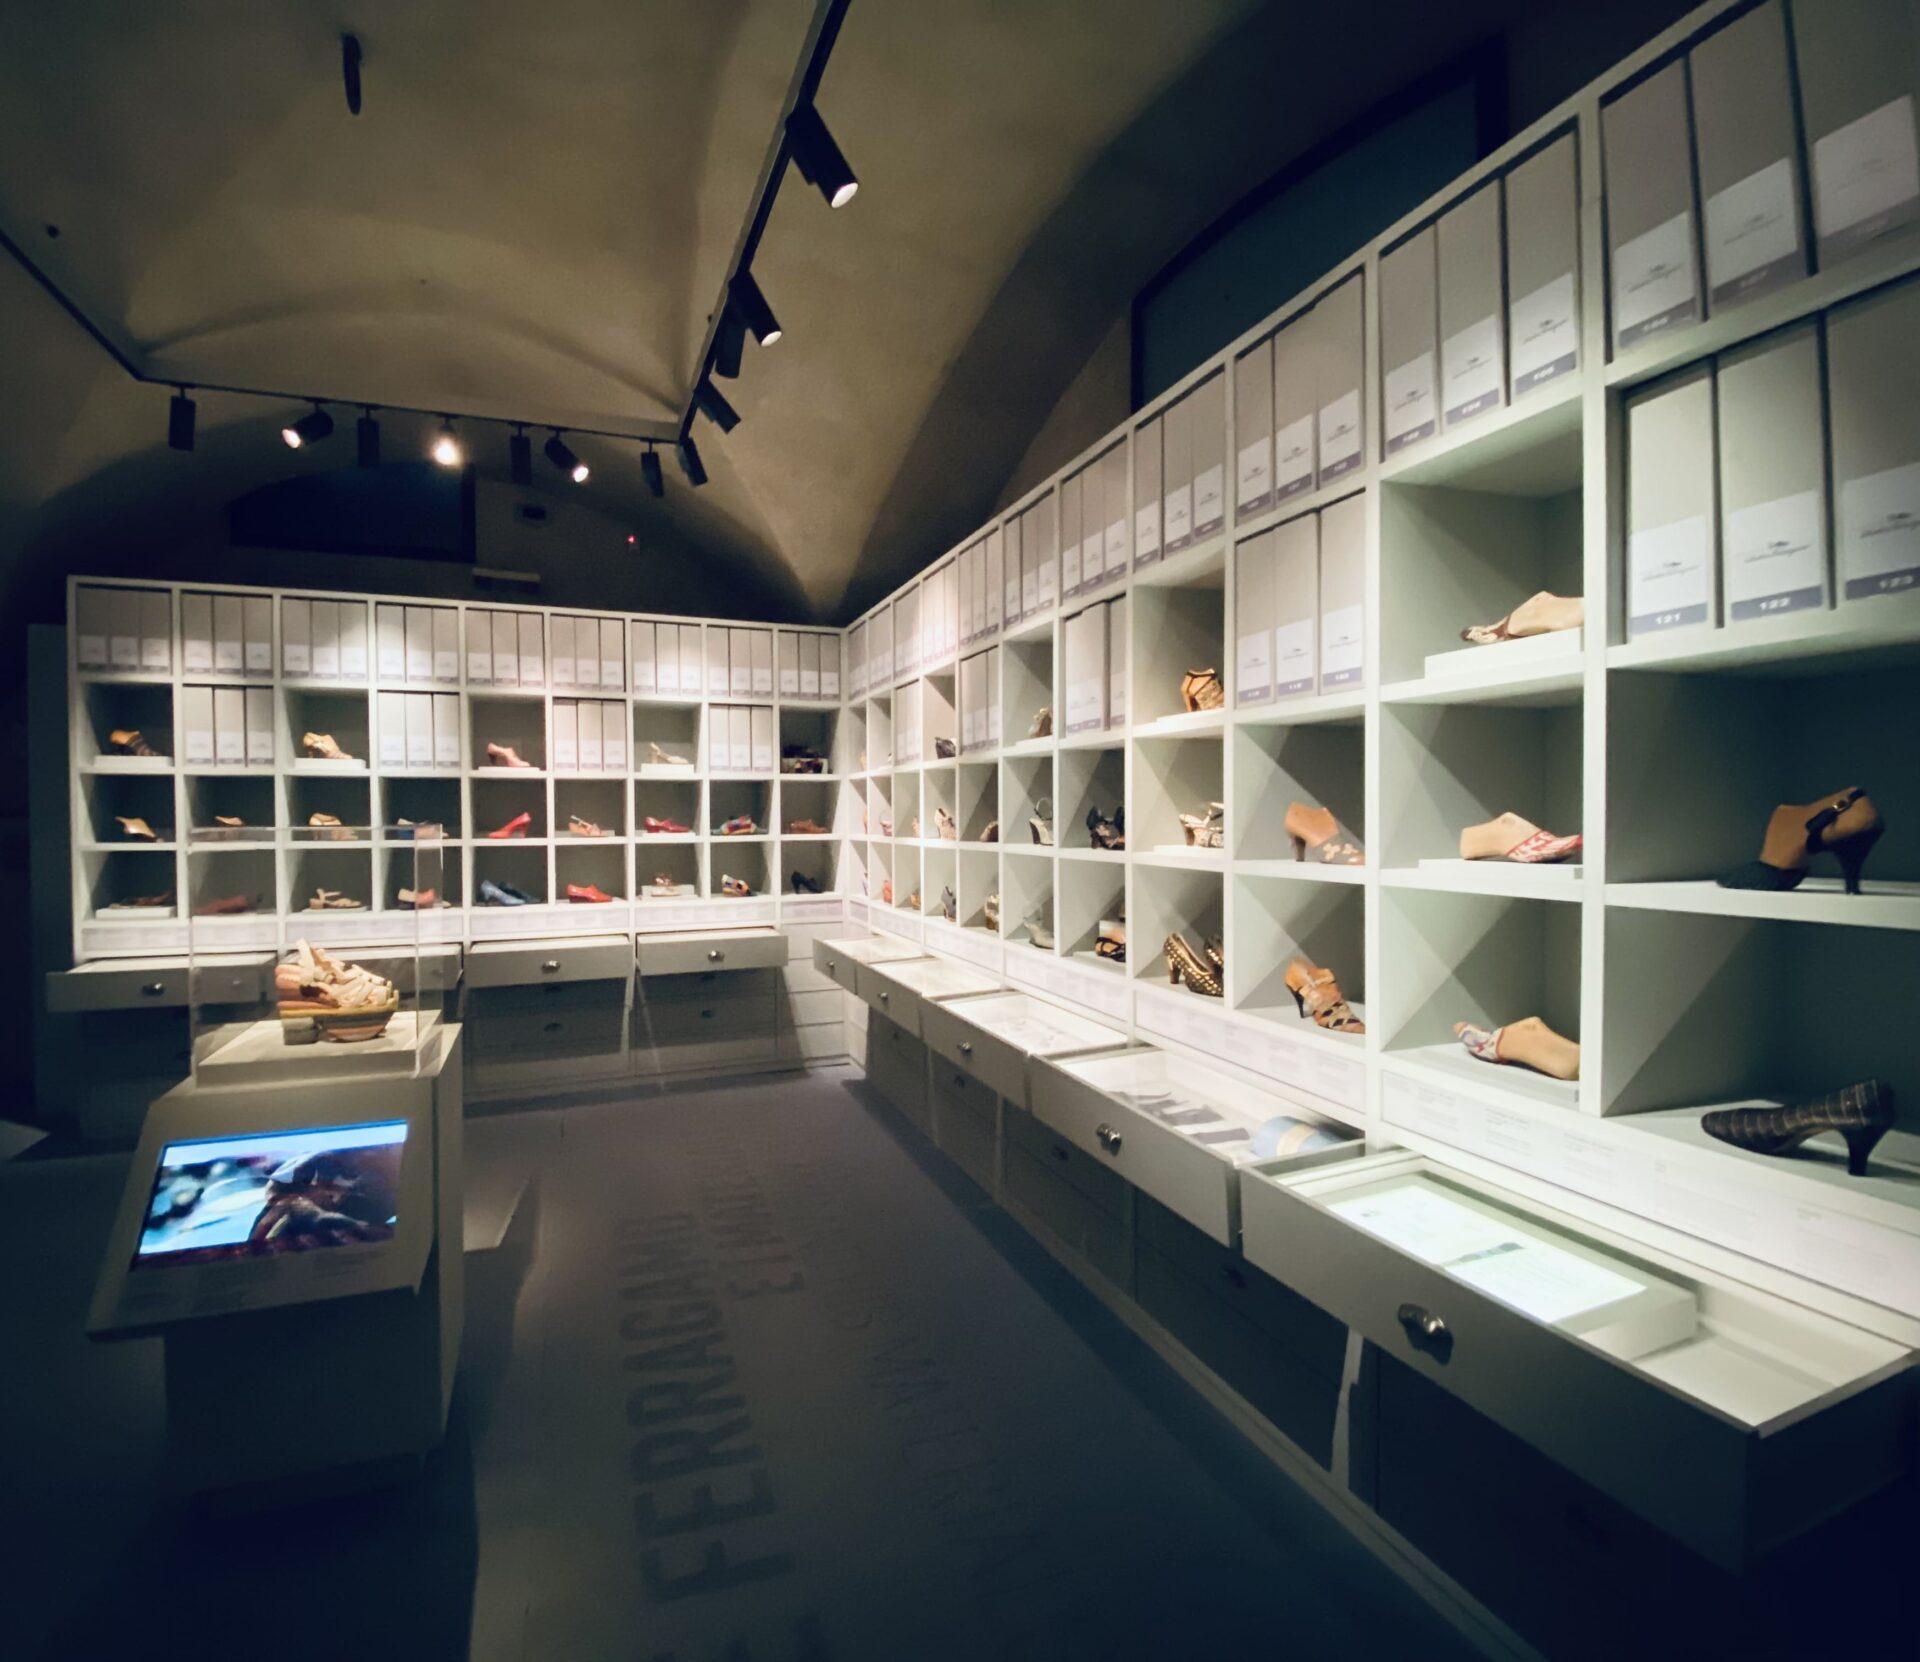 【博物之島專文】文化資產之昇華與實踐 —Salvatore Ferragamo博物館透過策展傳遞永續宣言